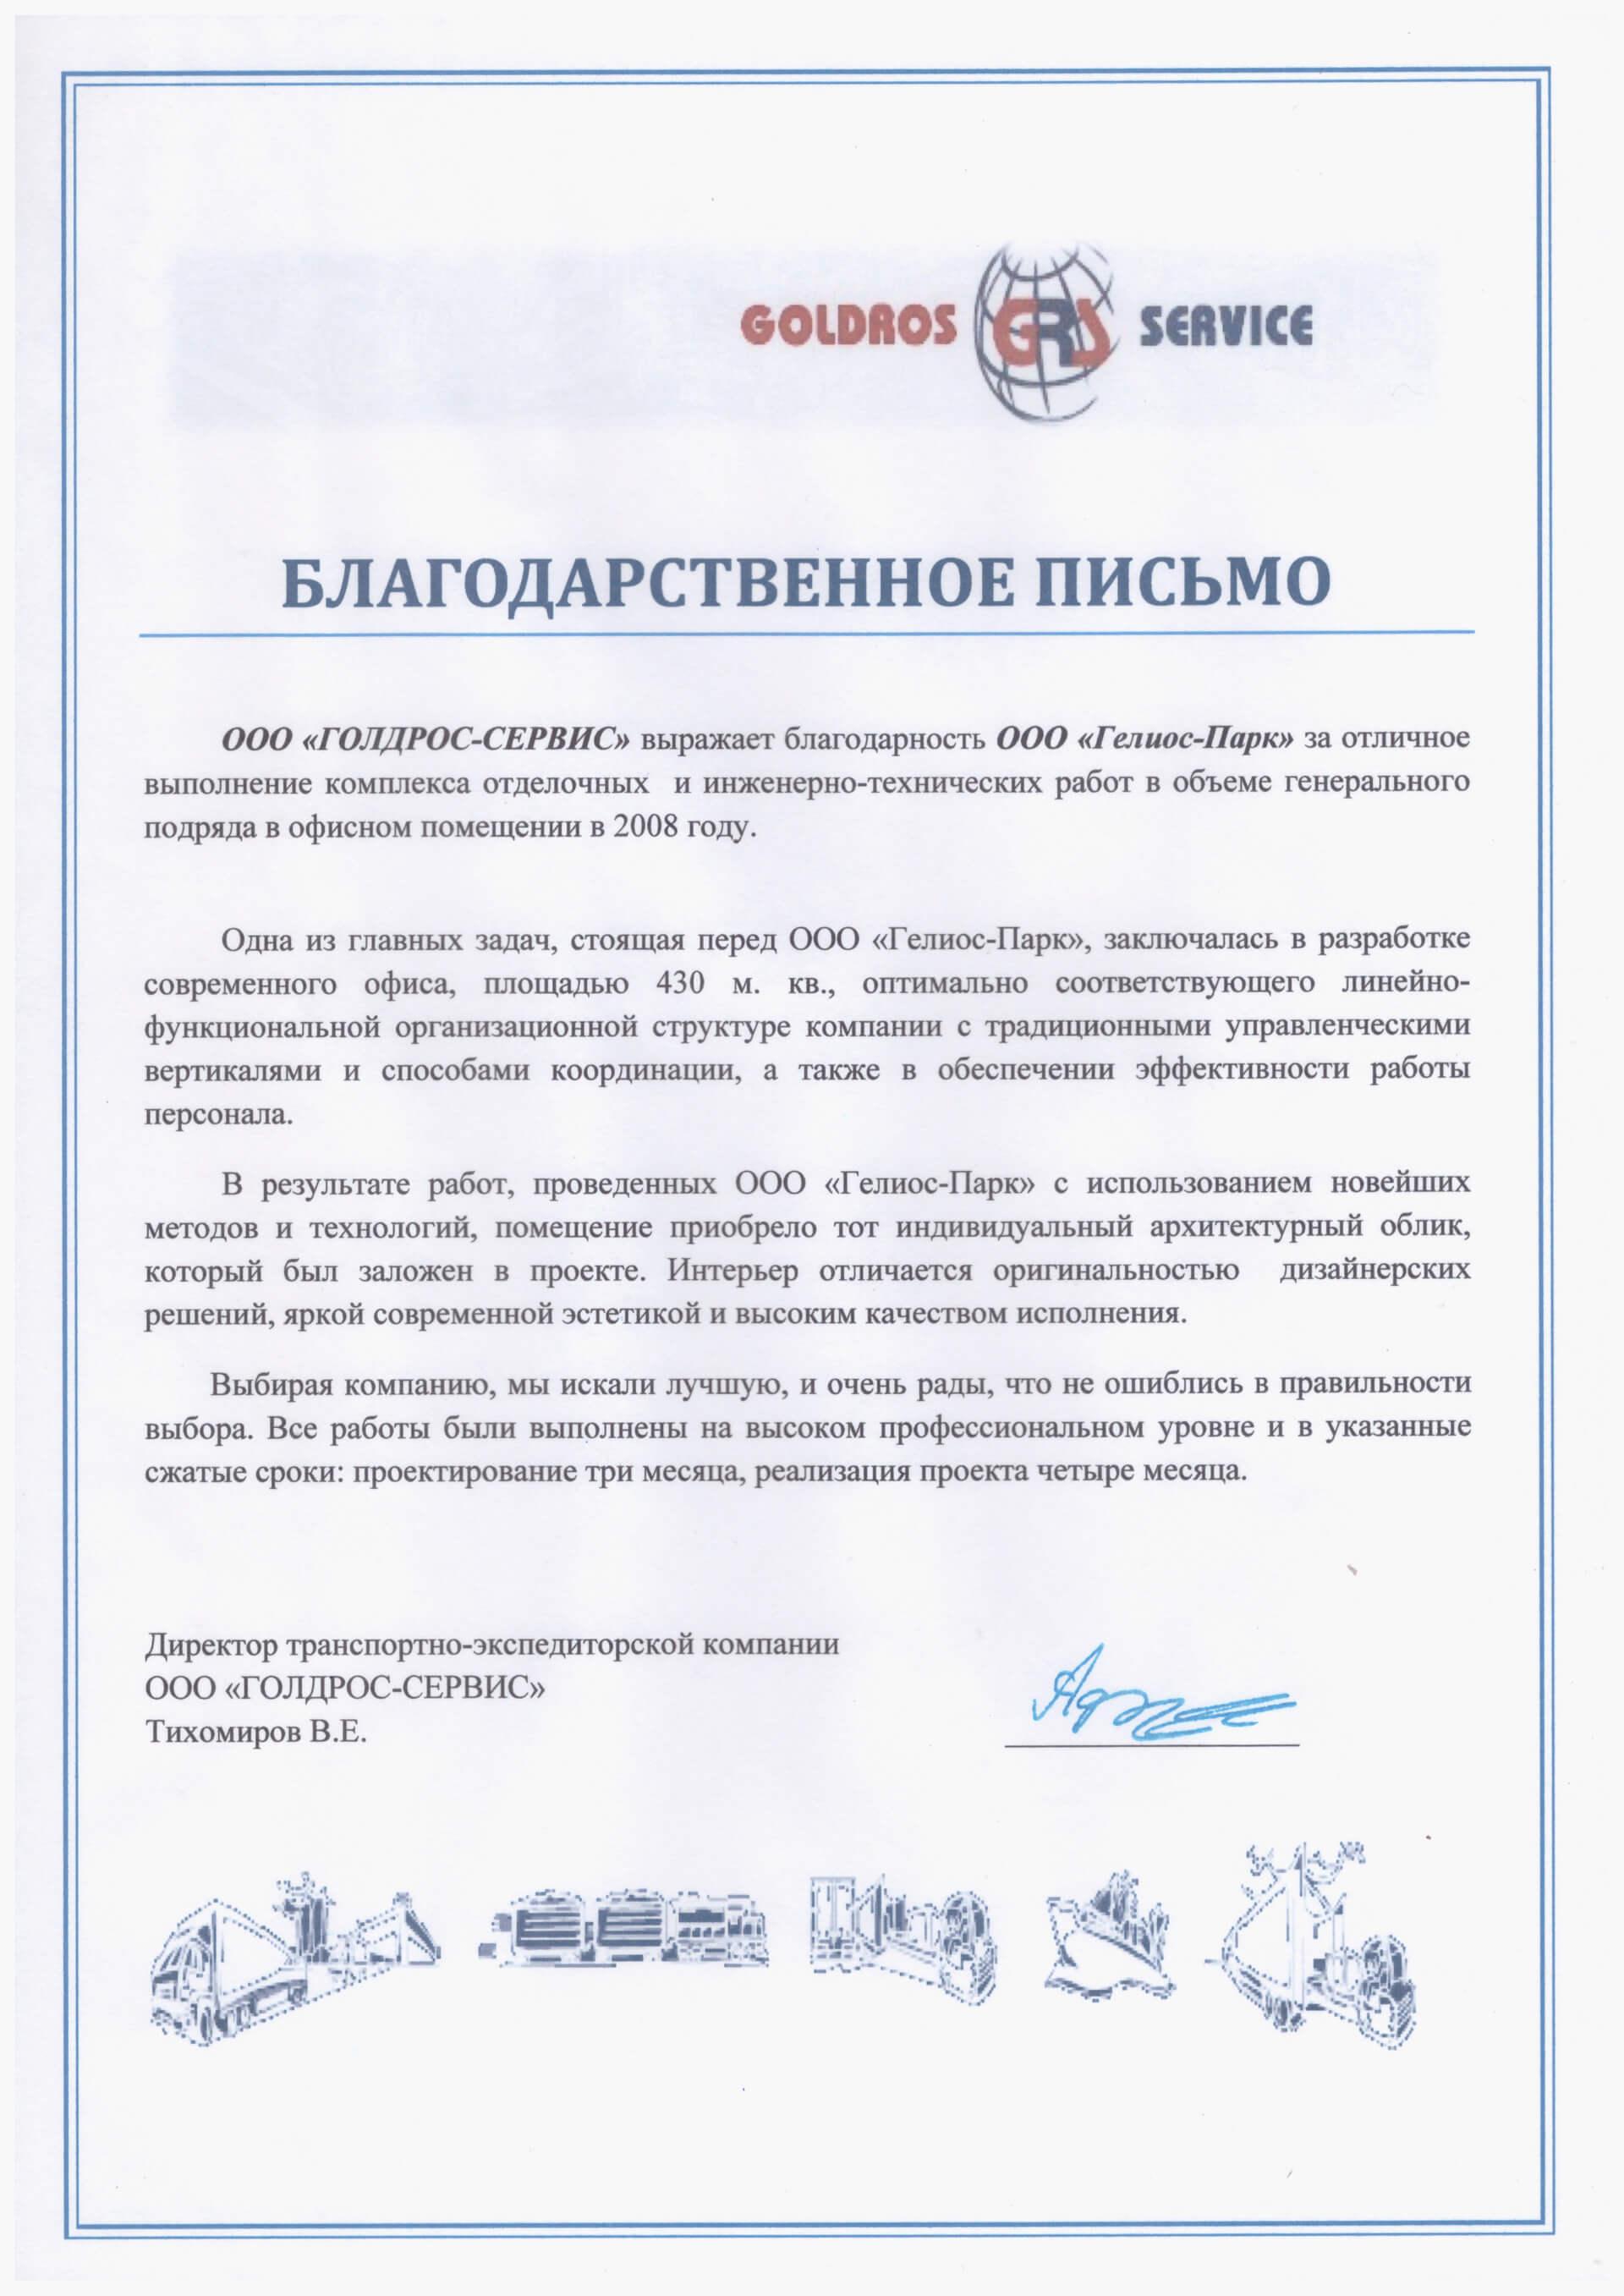 Отзыв - Голдрос-Сервис, транспортно-экспедиторская компания